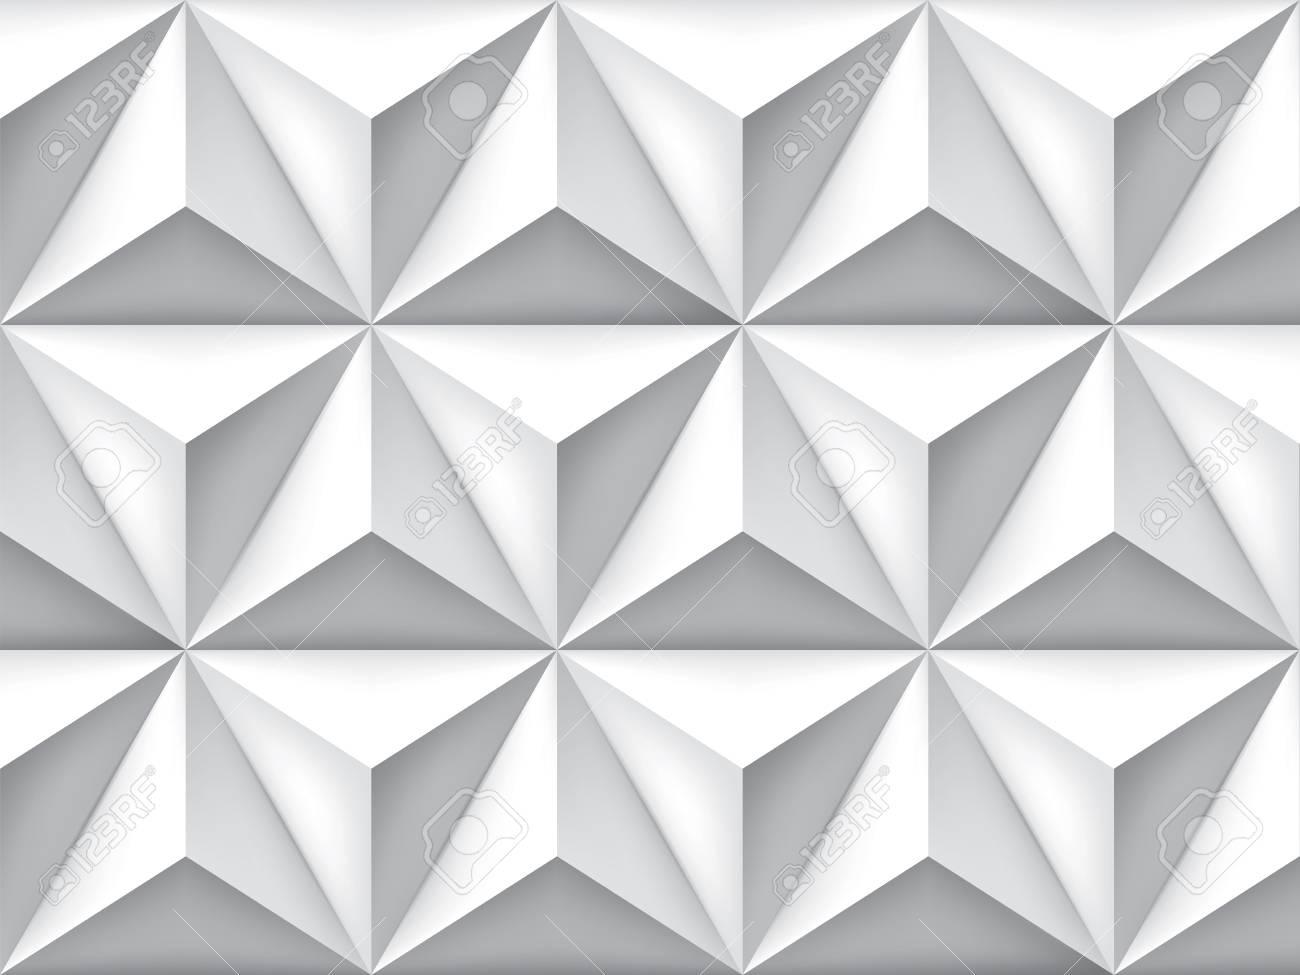 Fond Retro De Triangles De Vecteur Degrade De Maille Papier Peint Geometrique Motif Gris